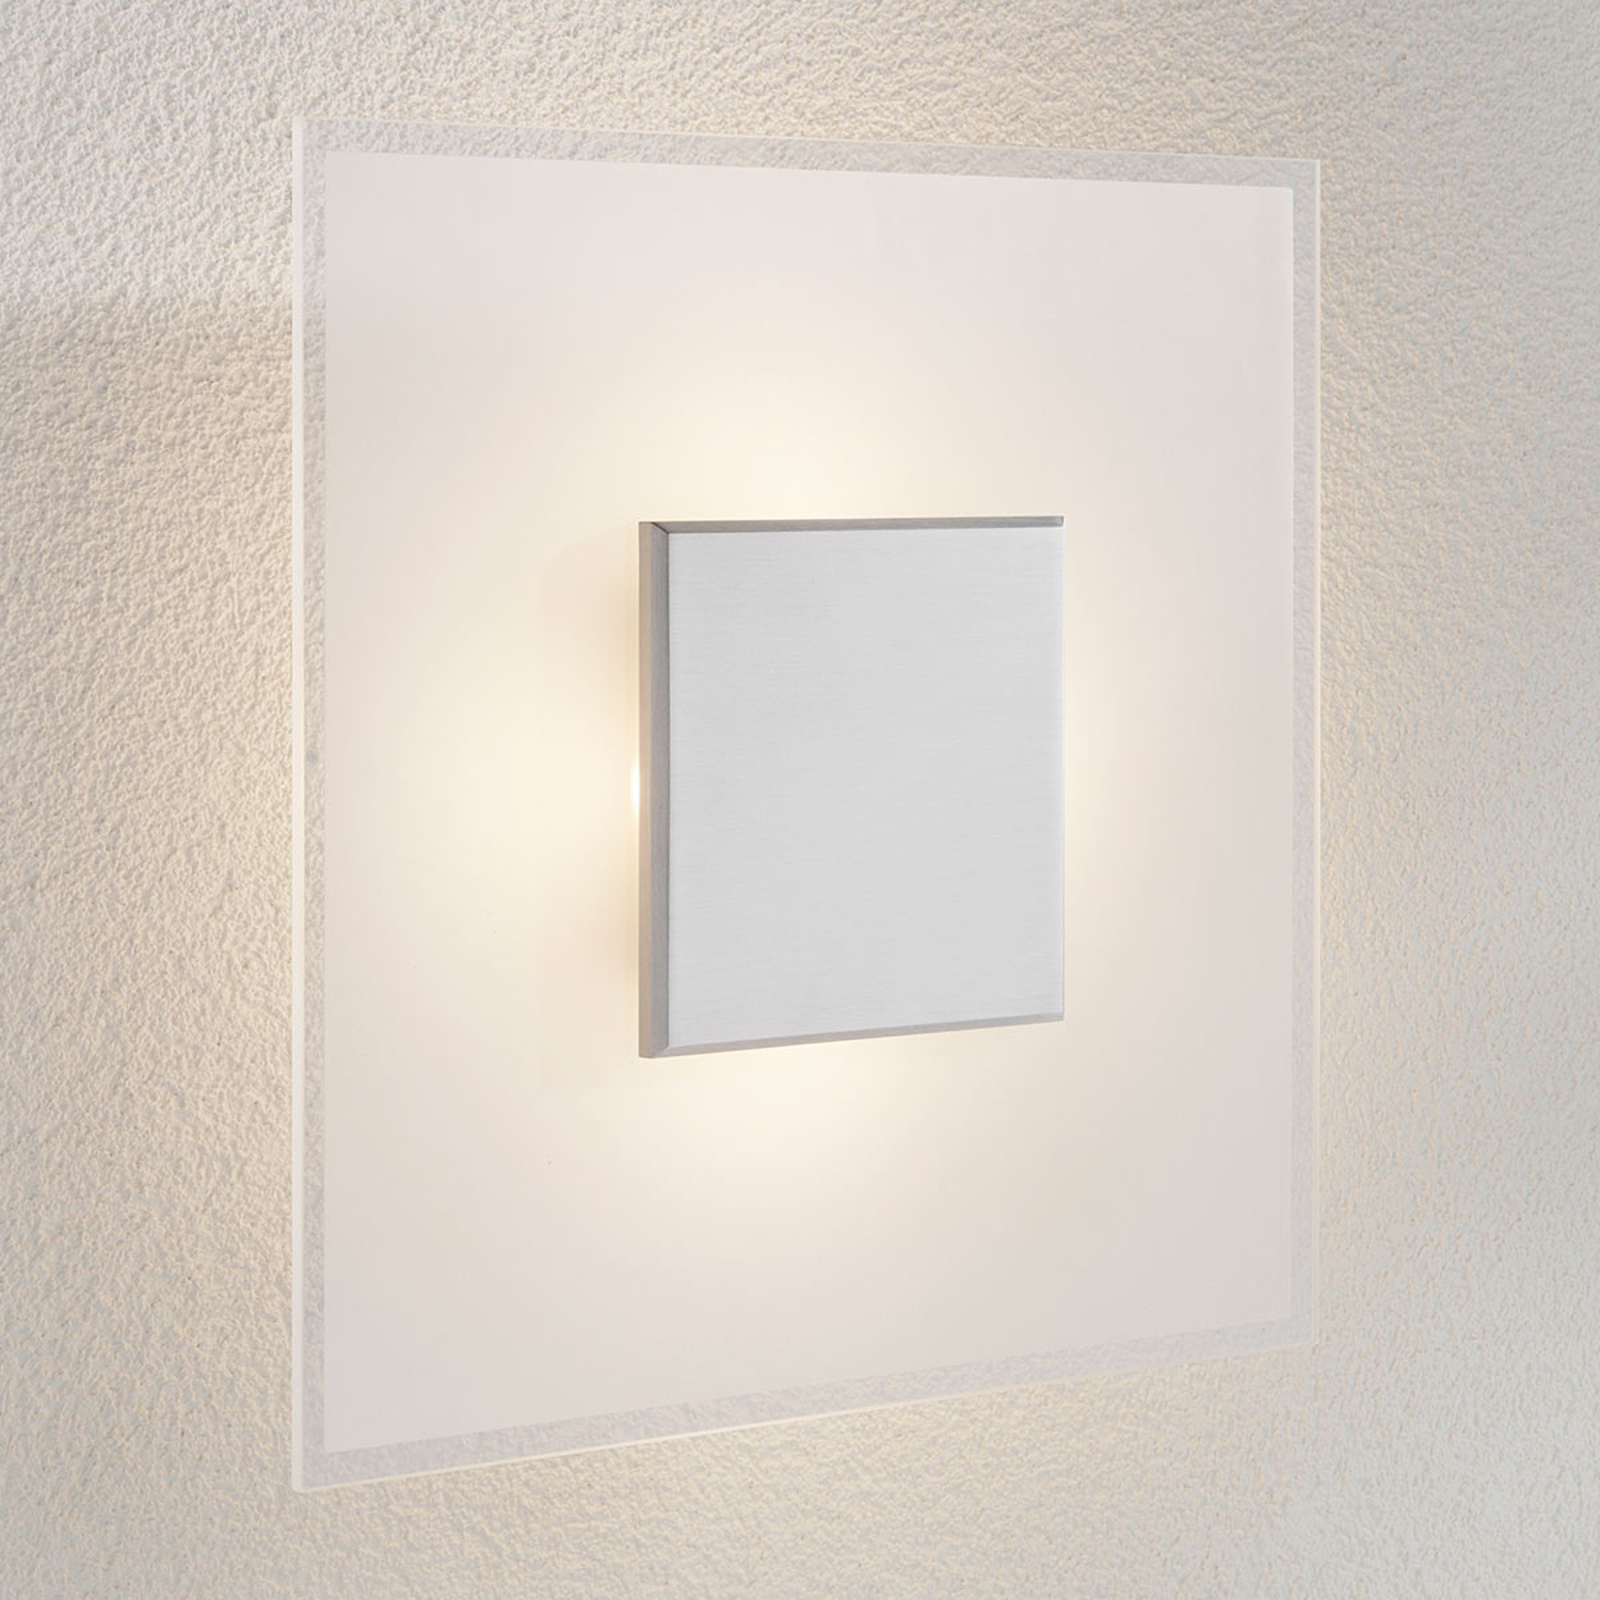 Himmennettävä LED-seinävalaisin Lole, lasia